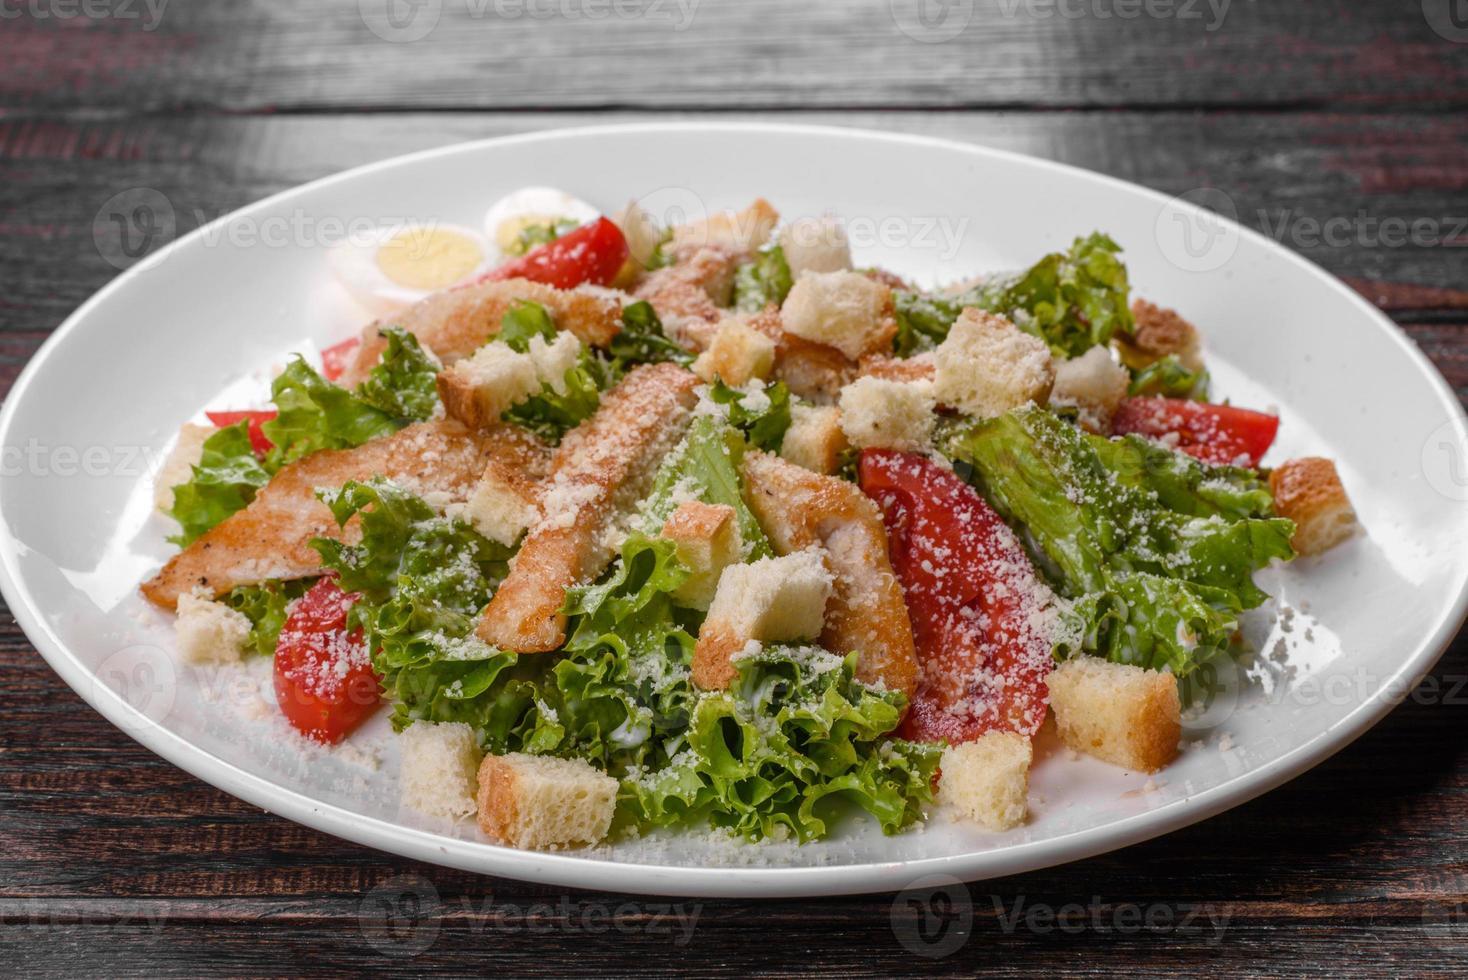 deliciosa ensalada de pollo fresco para una mesa festiva foto